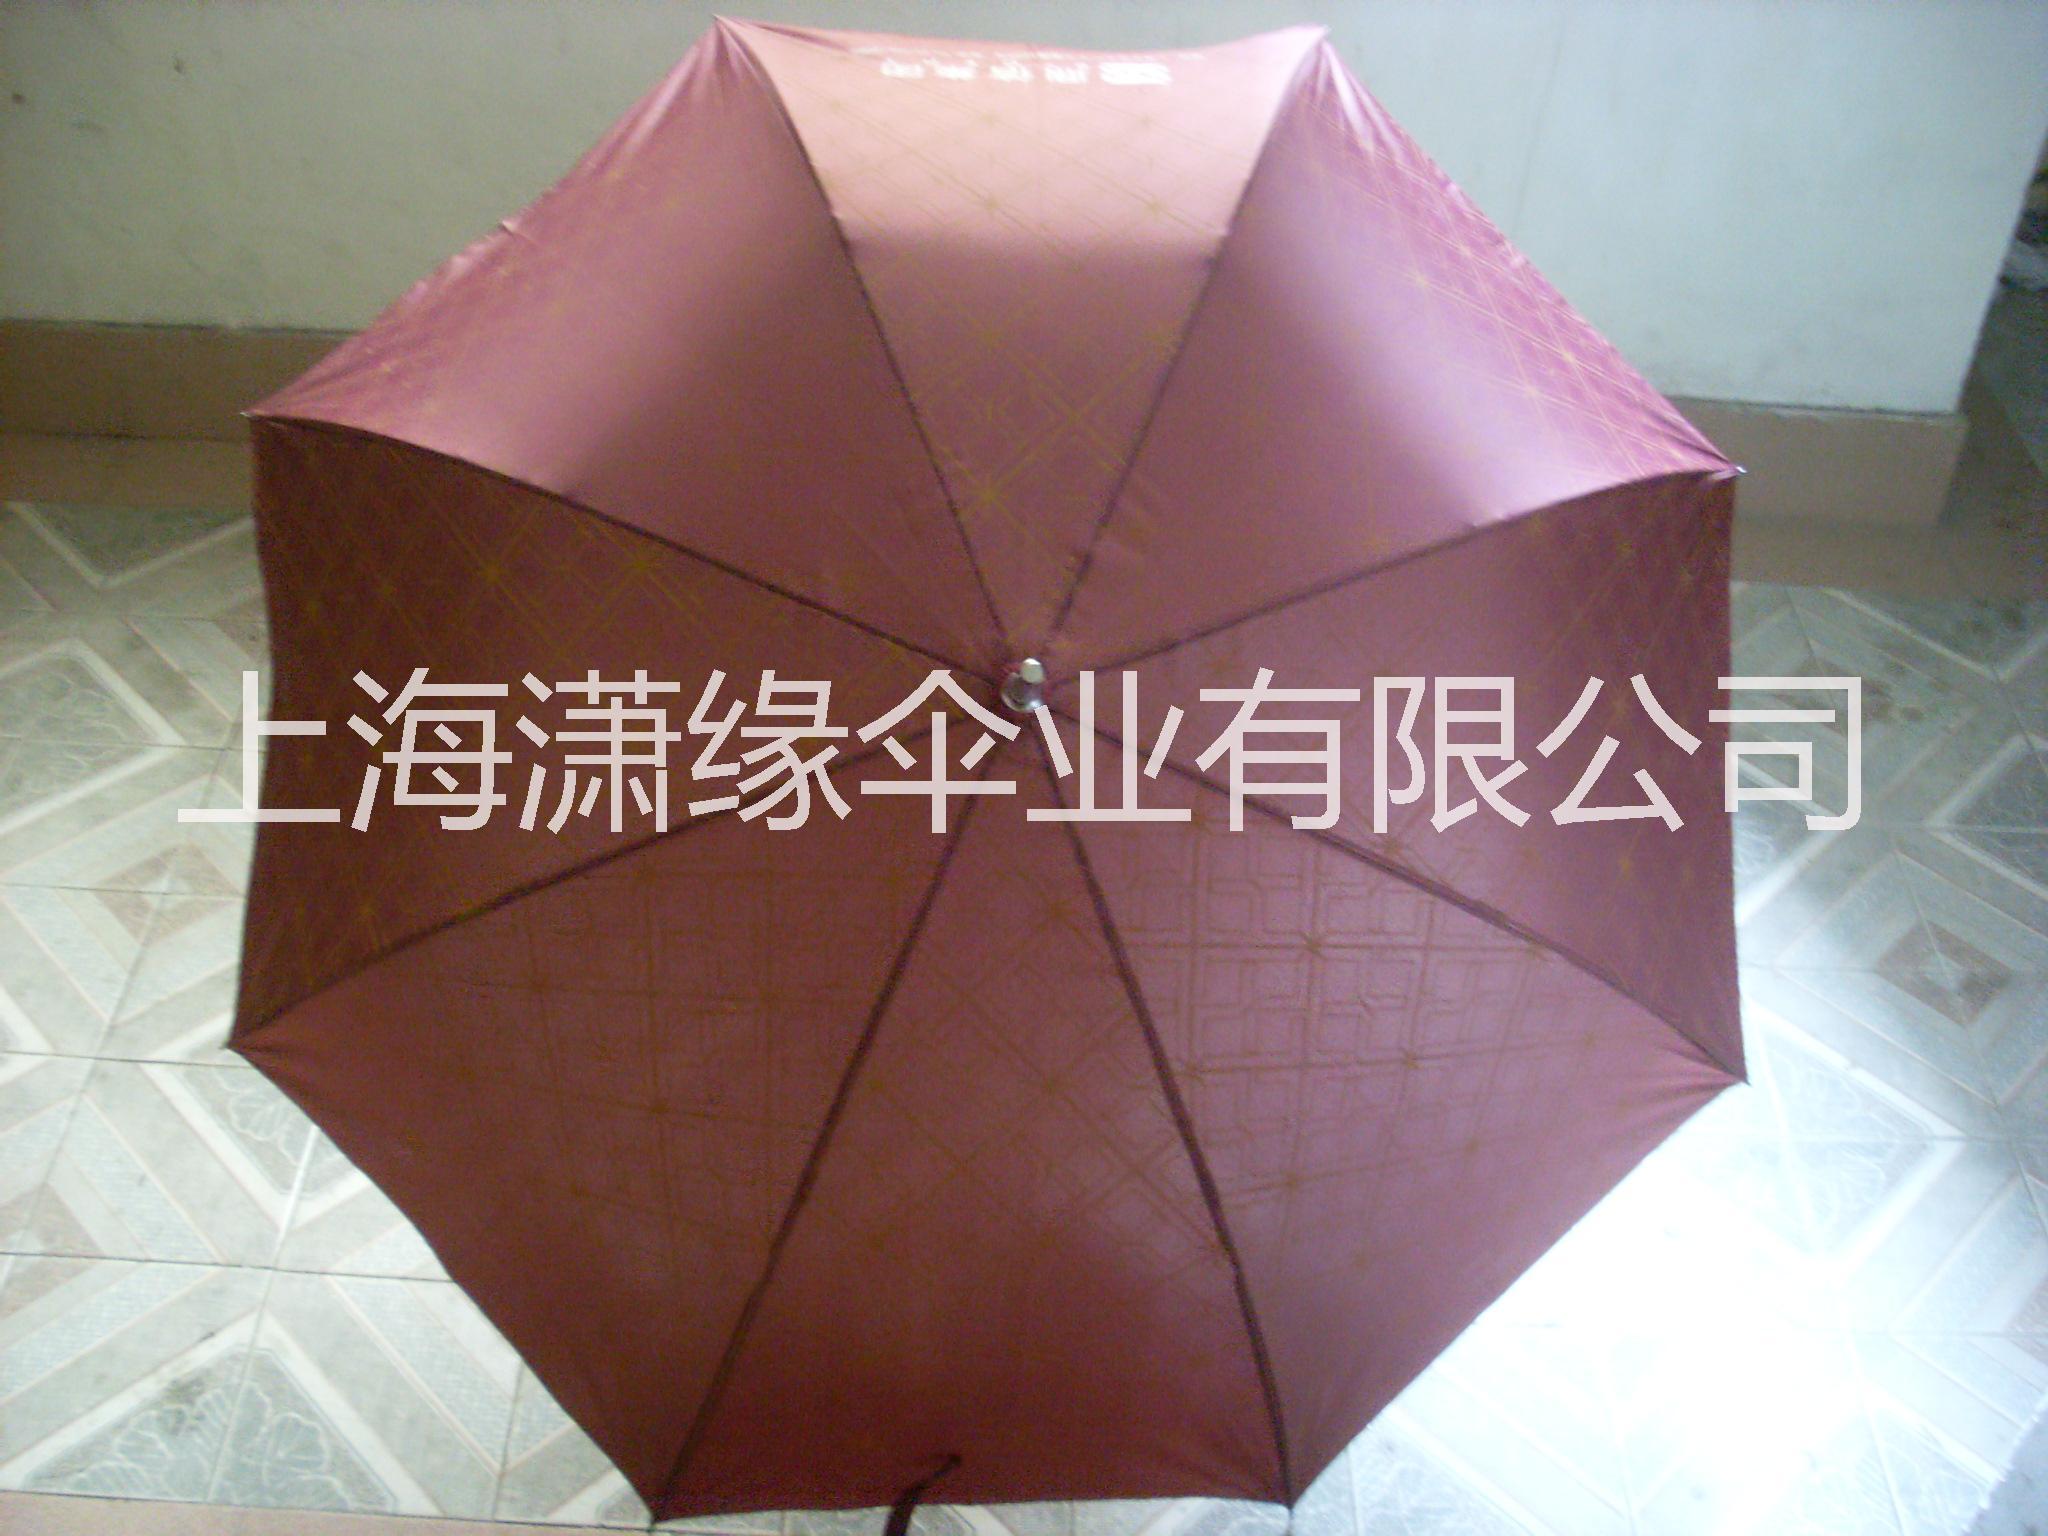 广告雨伞定制 广告礼品伞定制 上海广告伞制做工厂